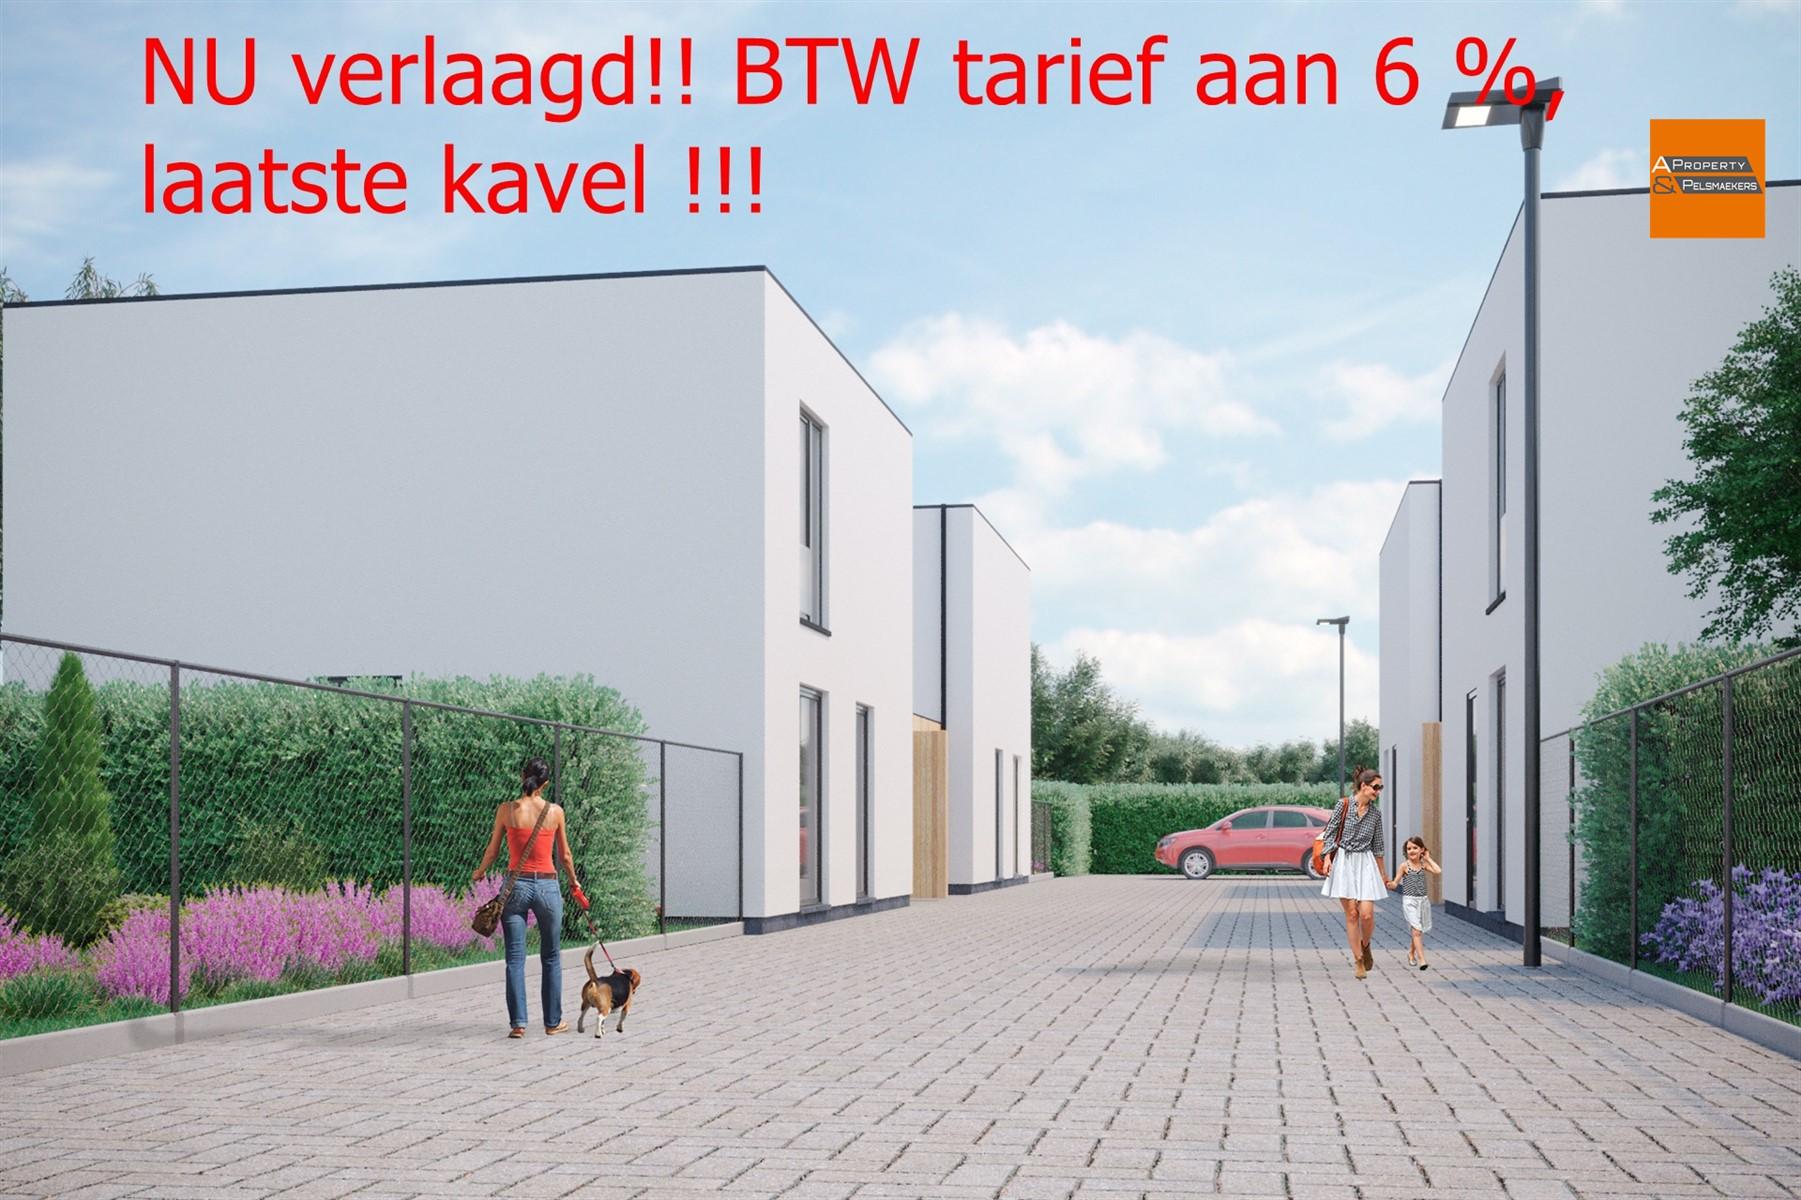 Real estate project : Adelhof  NU Verlaagd BTW tarief aan 6 %, laatste kavel ! IN MEERBEEK (3078) - Price